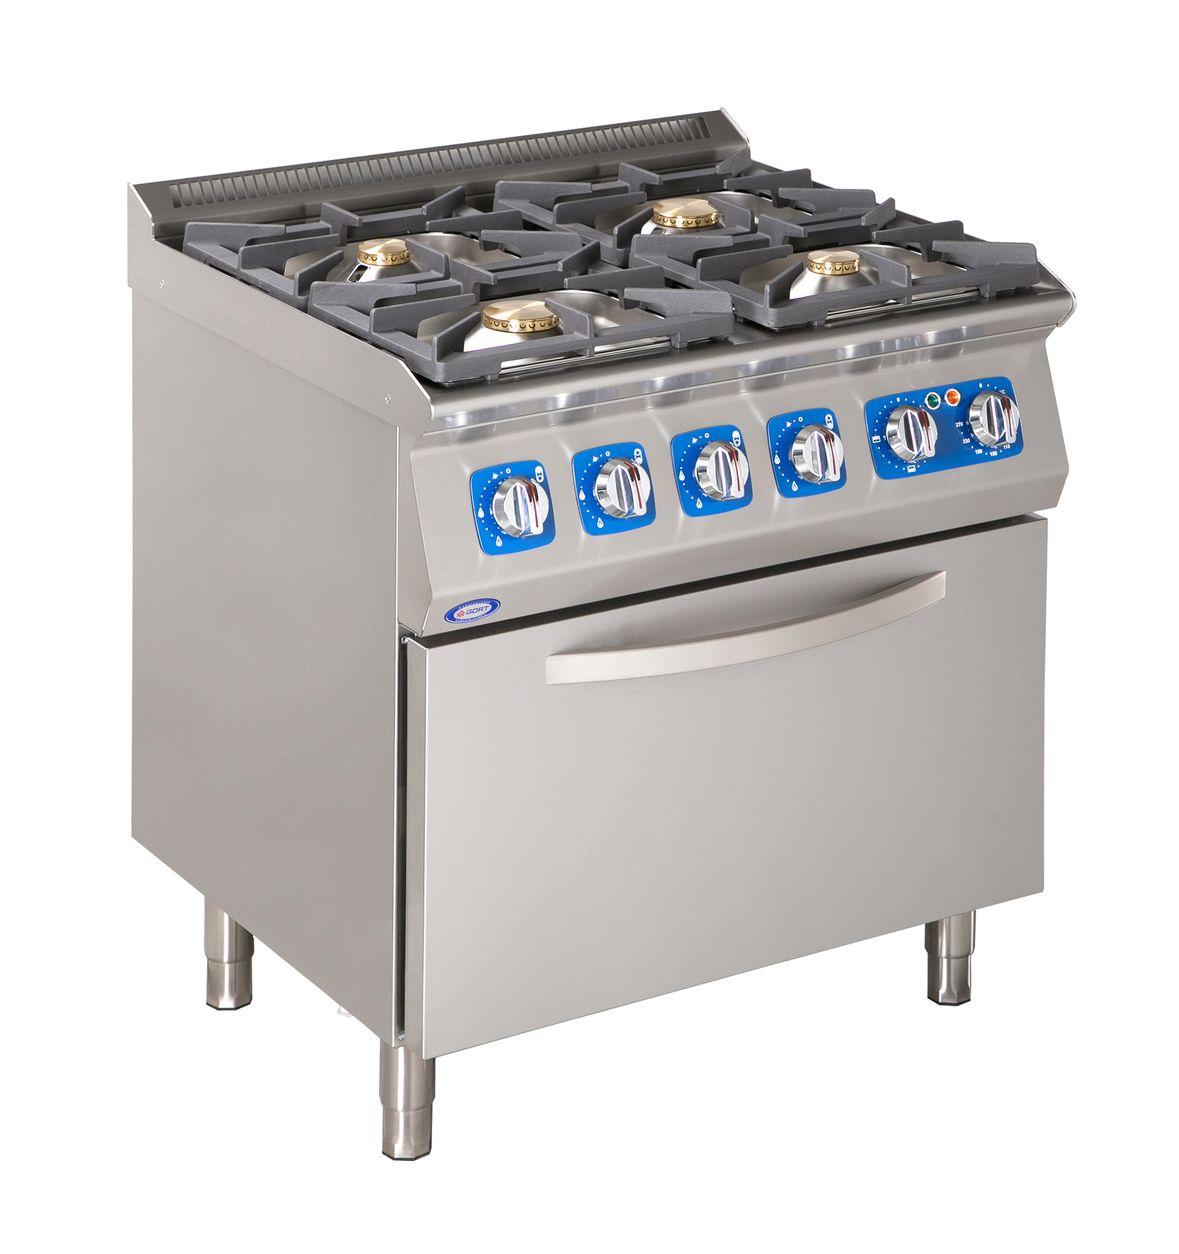 Kuchnia gazowa 4 palnikowa z piekarnikiem elektrycznym  GORT™  Fabryka Masz